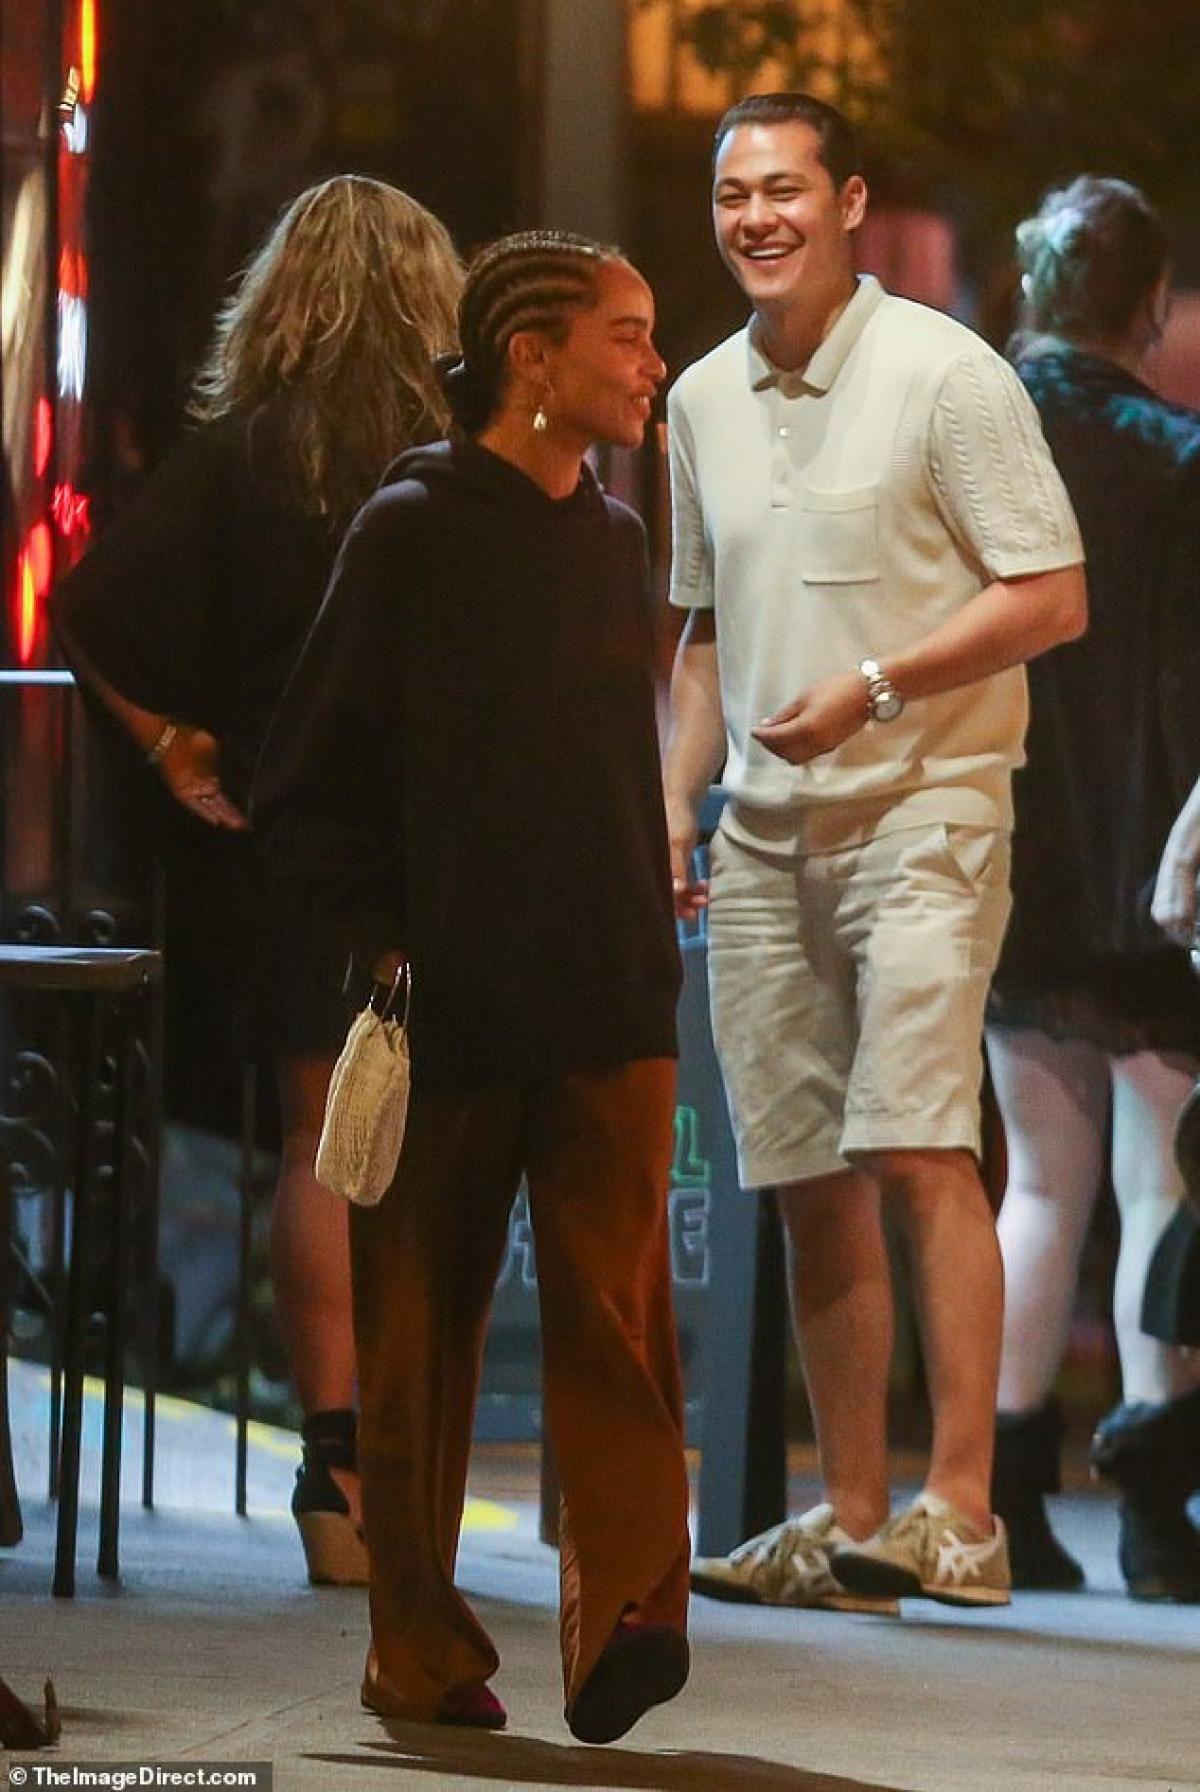 Katie Holmes điệu đà ra phố sau khi tình cũ bị bắt gặp đi chơi cùng người đẹp Zoe Kravitz Ảnh 3